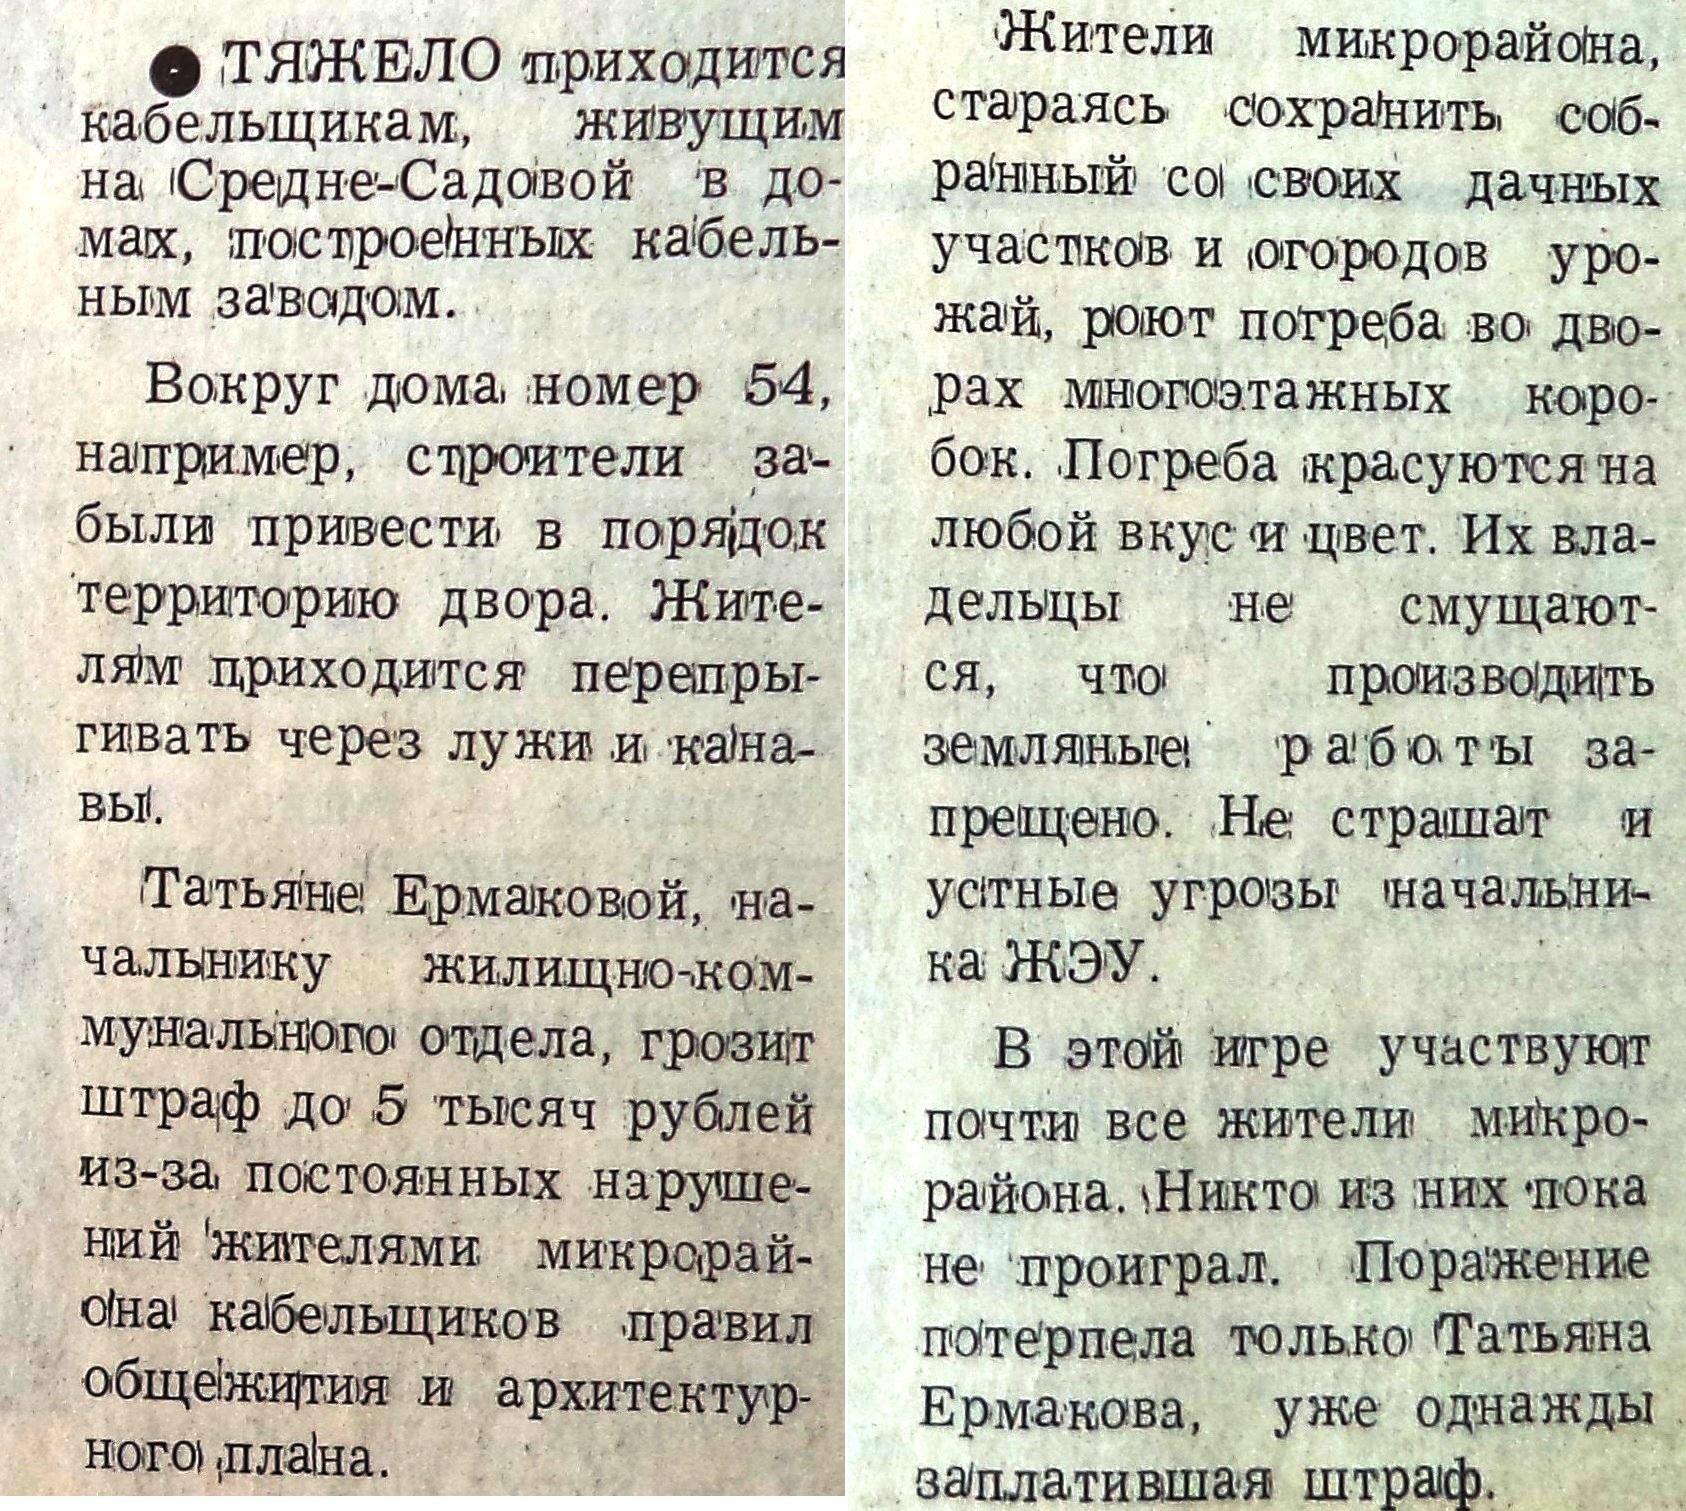 Средне-Садовая-ФОТО-48-Кабельщик-1992-2 октября